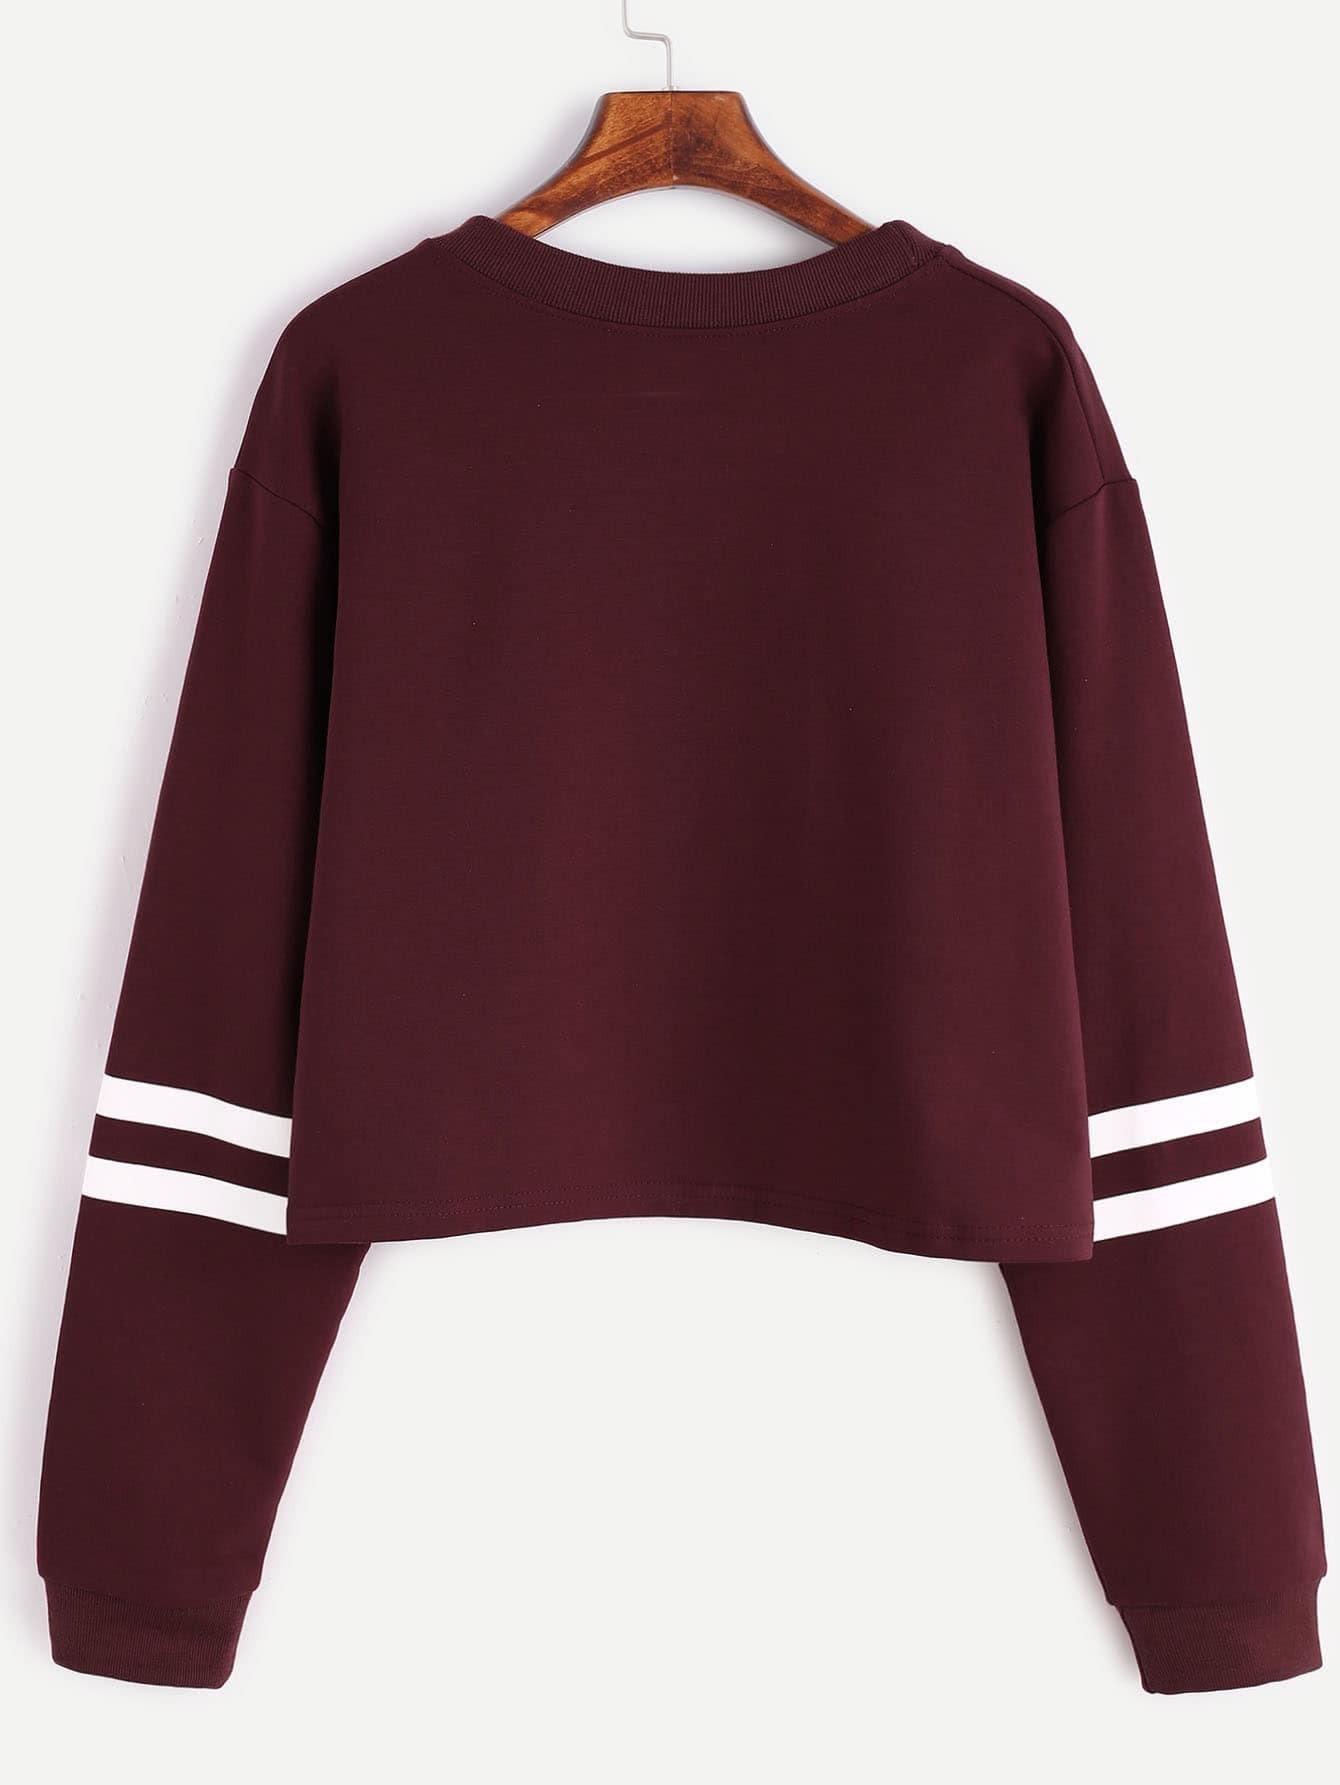 sweatshirt161027132_2